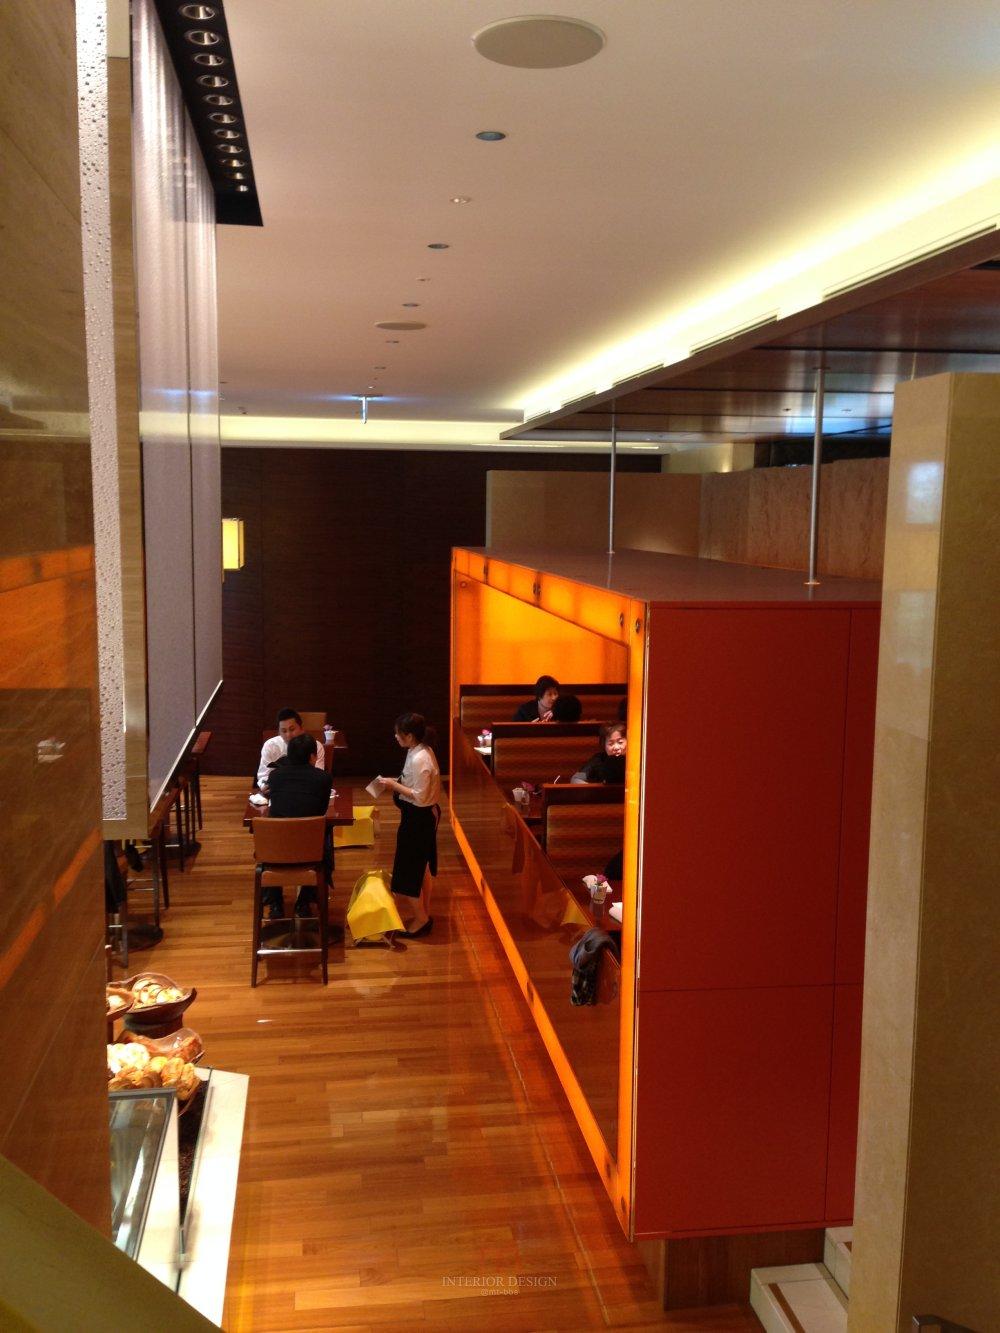 #伙伴一起看日本#  日本设计考察分享(更新美秀美术馆)_IMG_4777.JPG